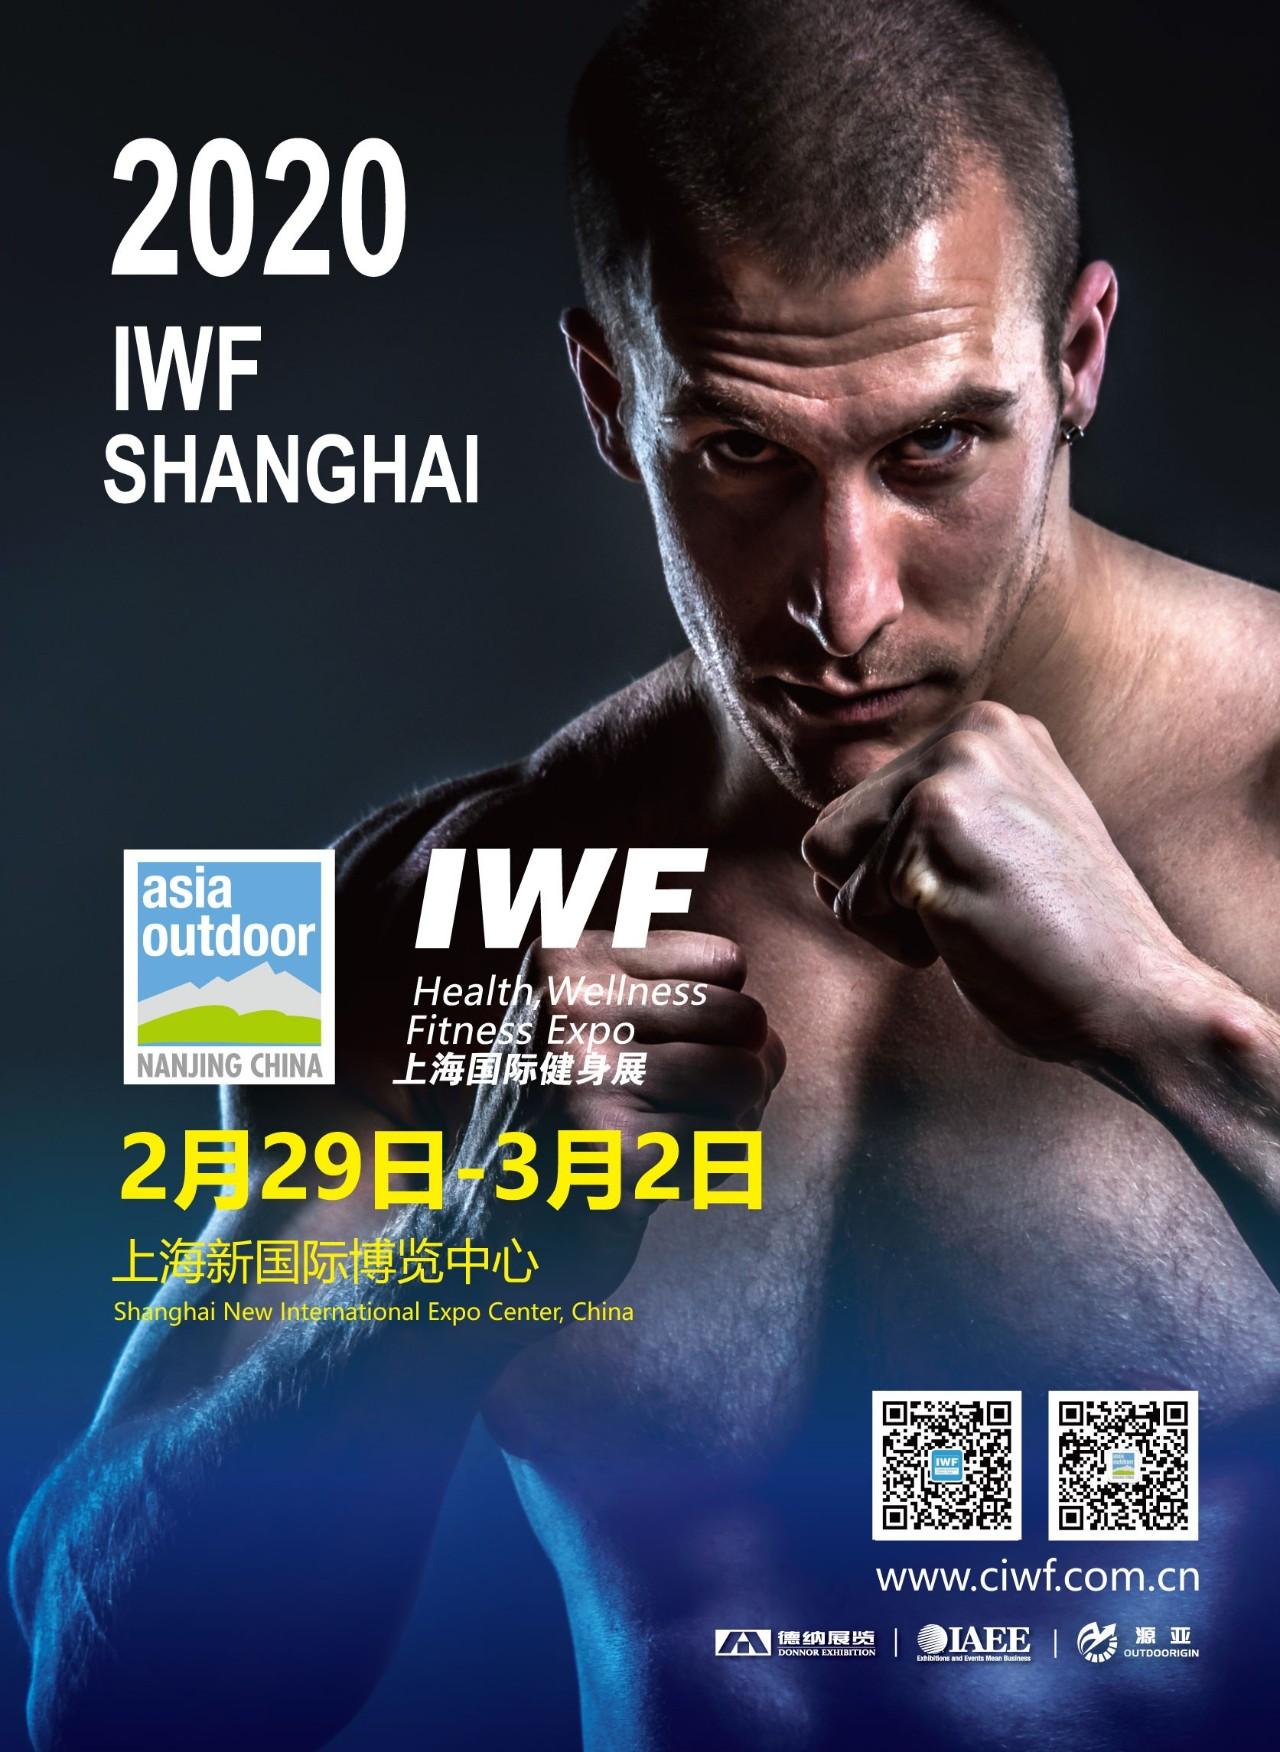 直擊!亞展+上海IWF國際健身展,全國巡回,再續華章!